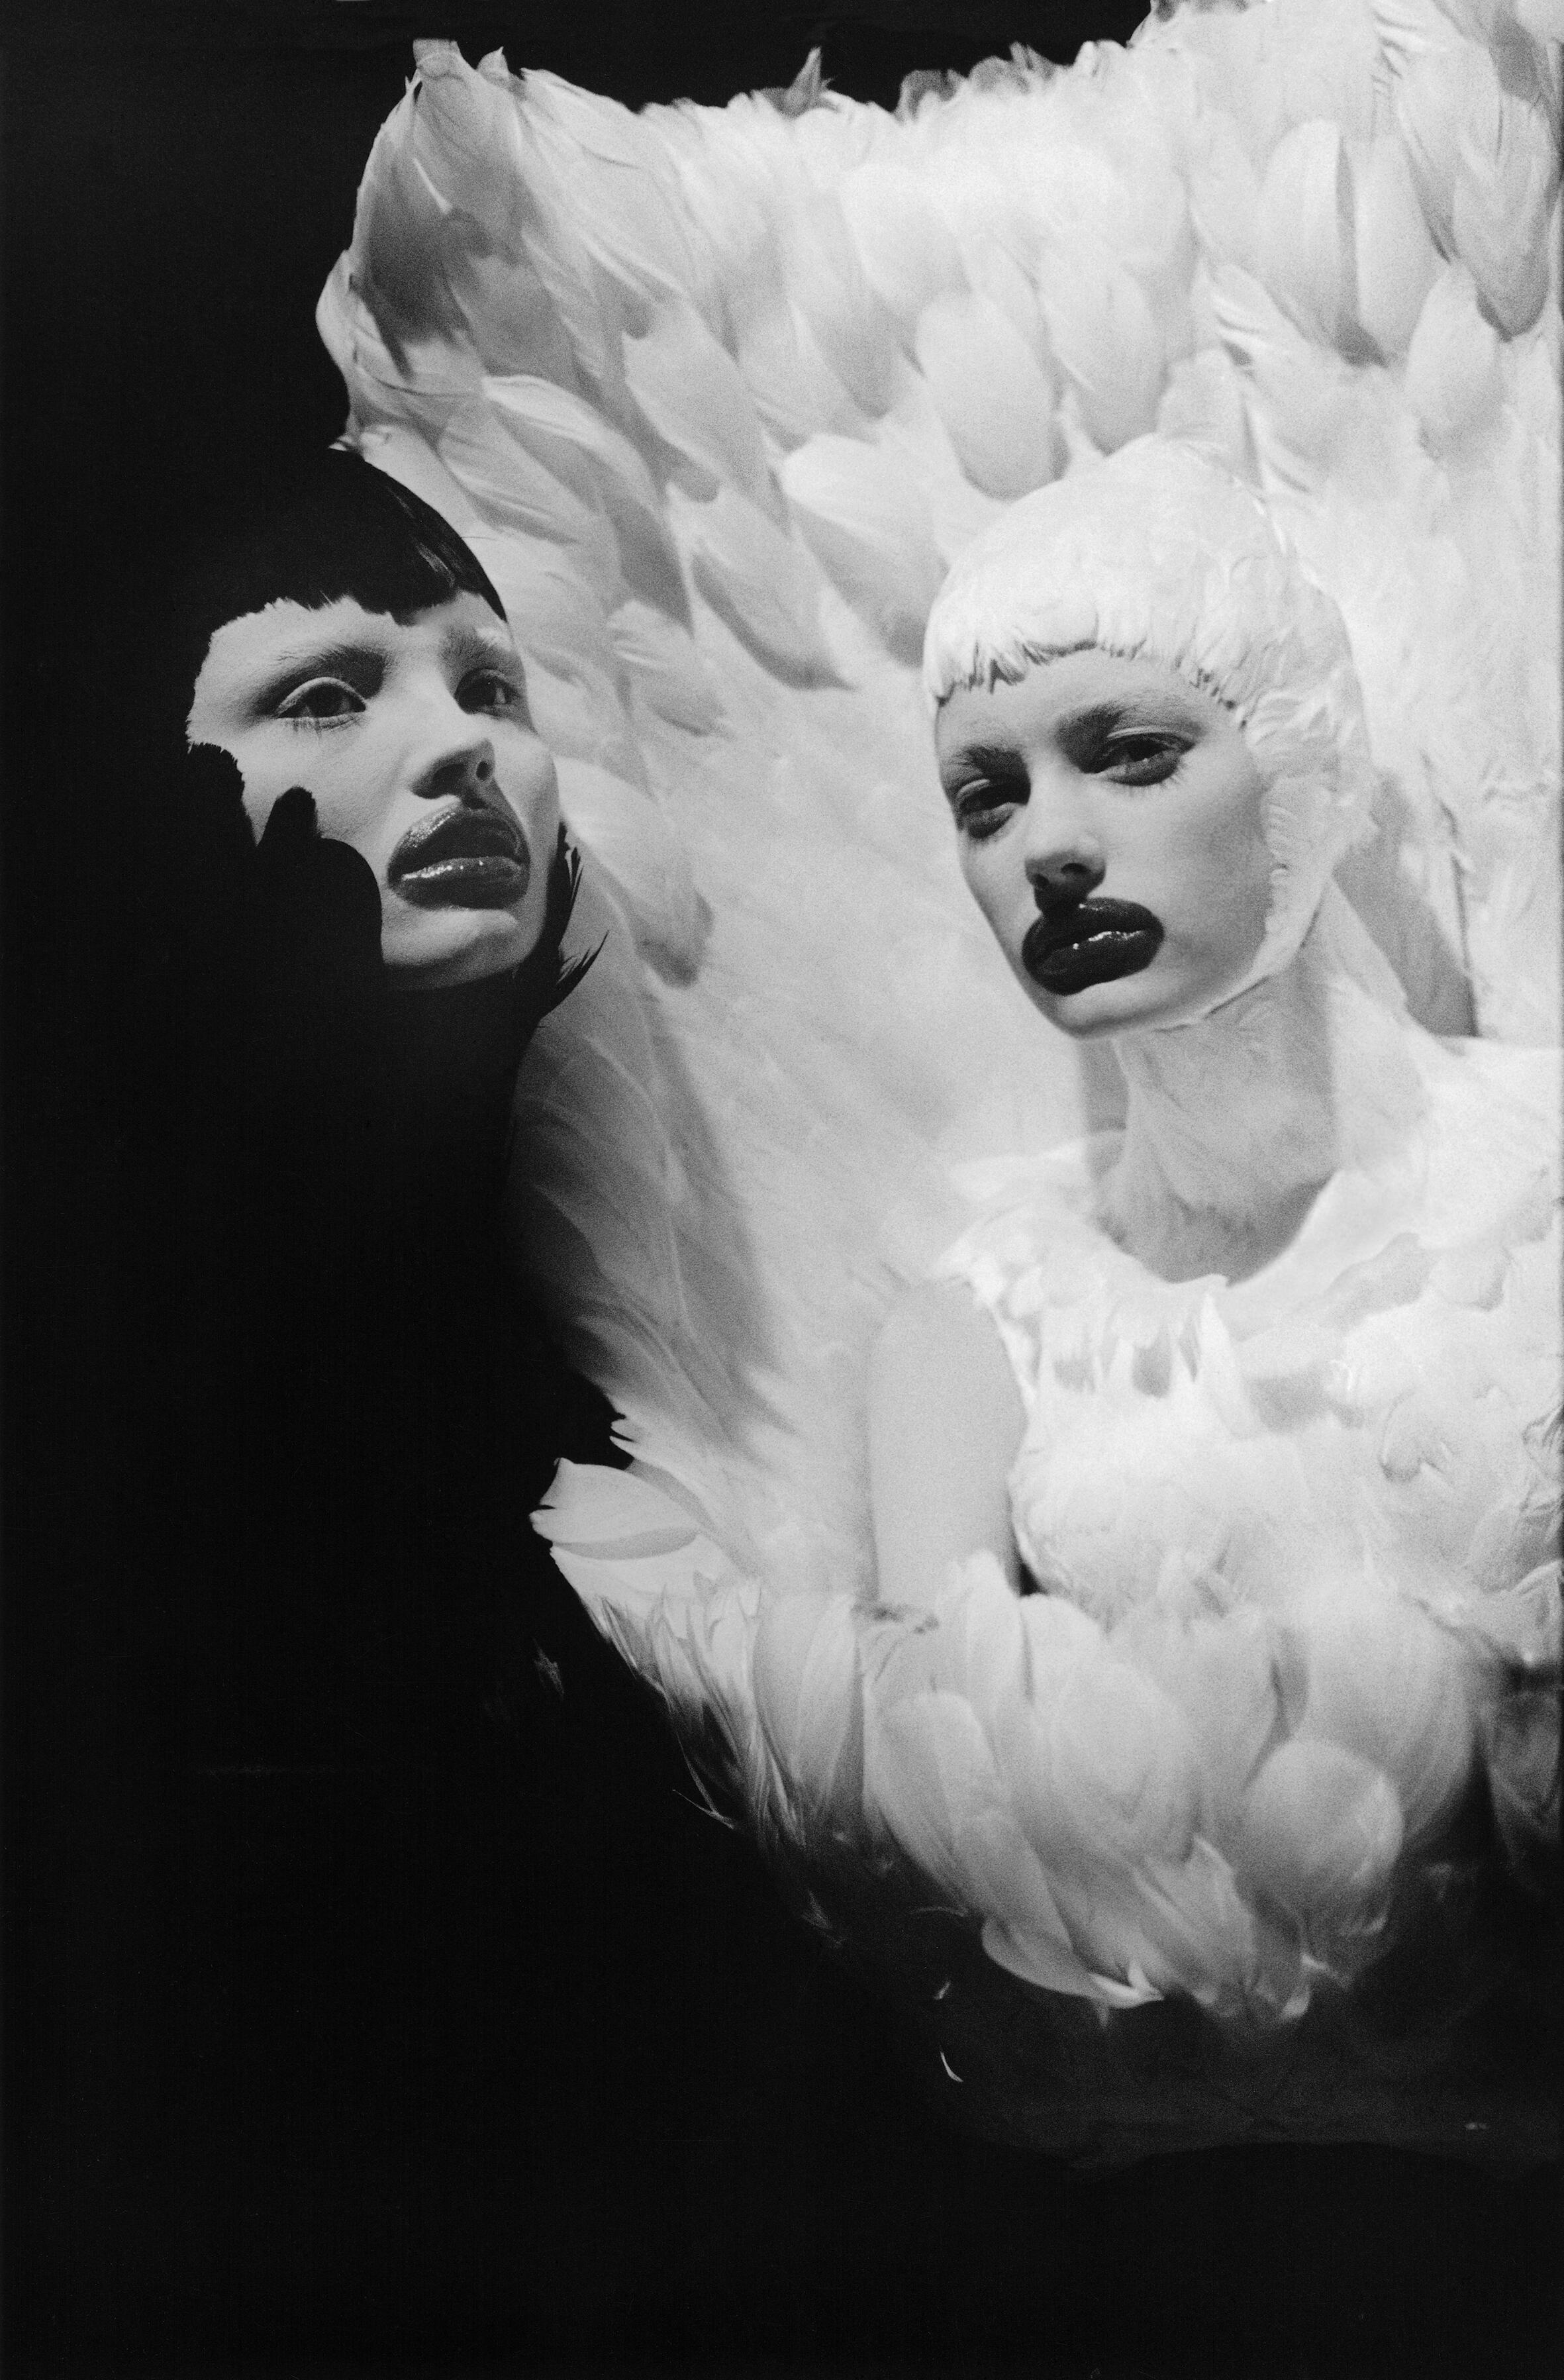 """""""Unfallen Angels I, Paris, 2009"""", cortesia da artista."""